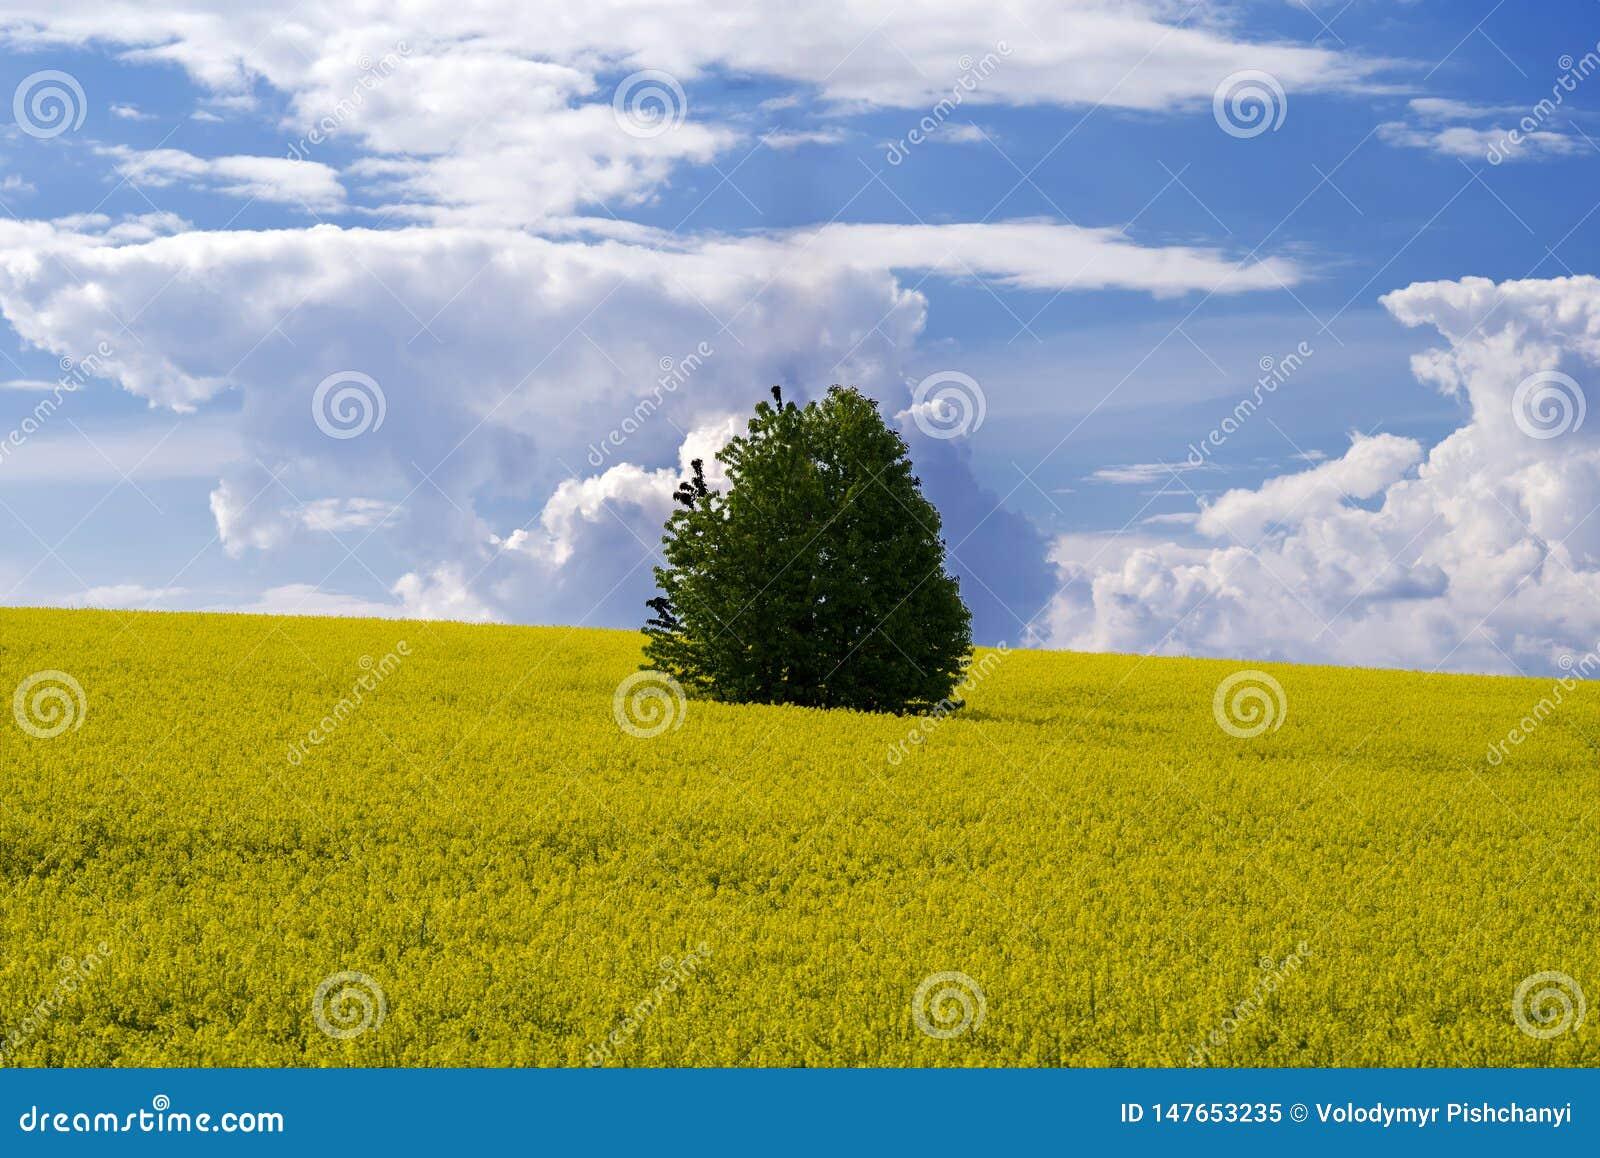 Osamotniony drzewo pośród pola kwitnący canola przeciw niebieskiemu niebu z chmurami